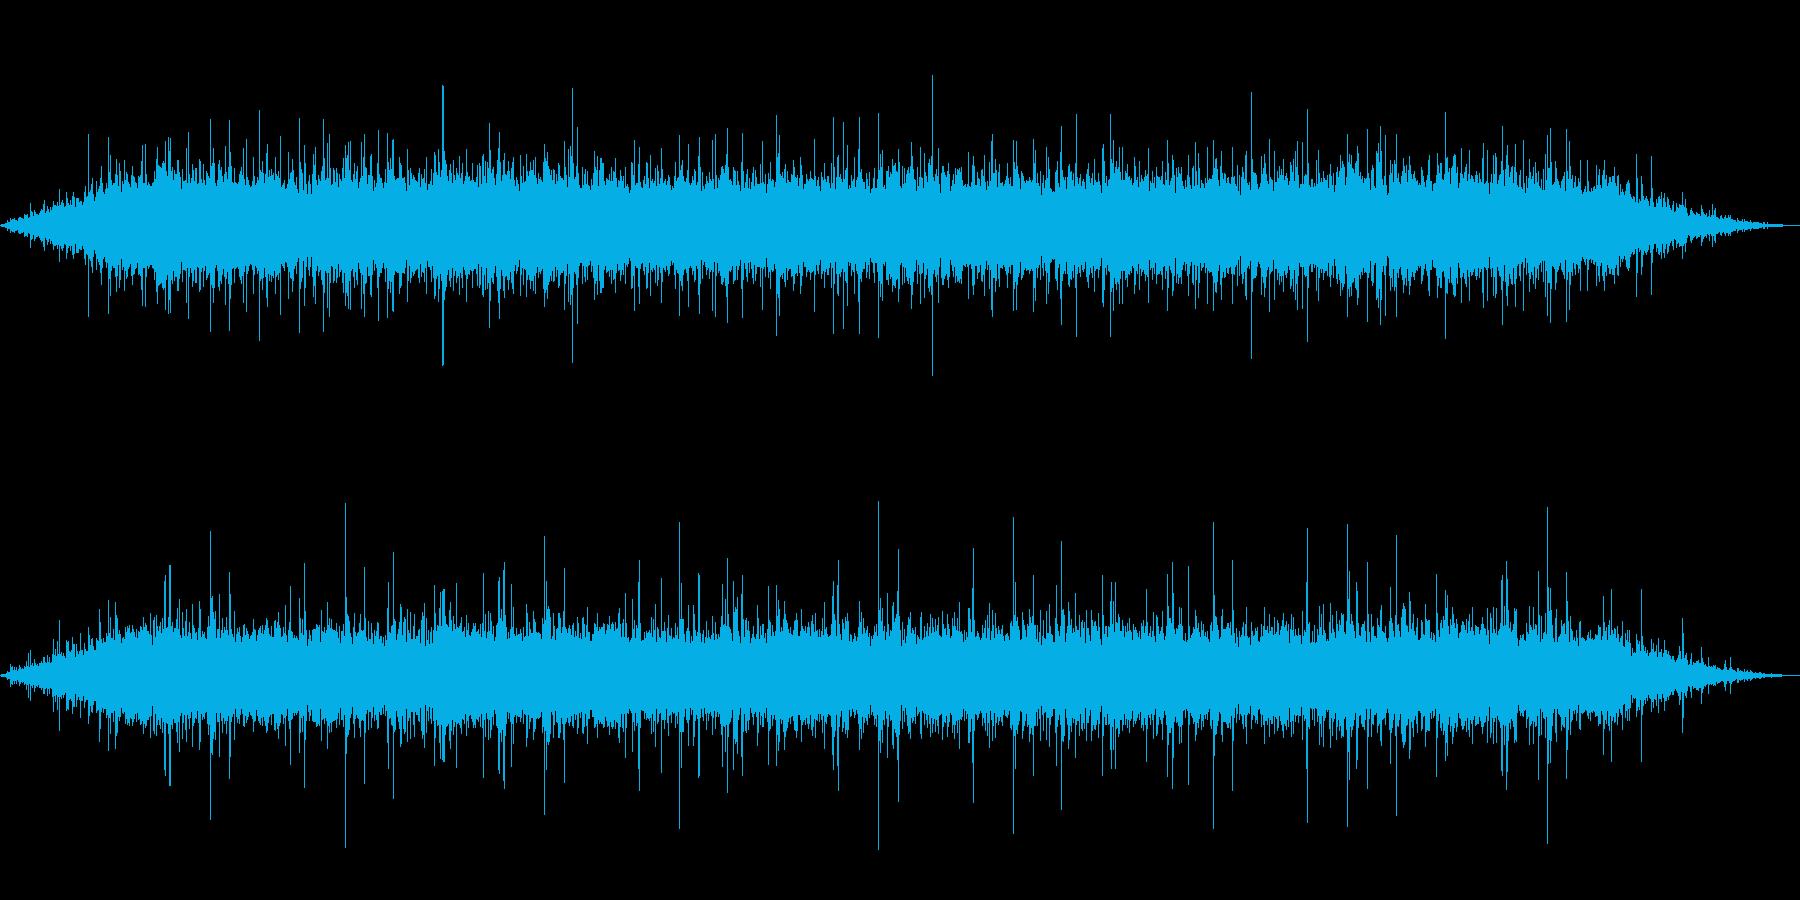 雨 雨音(家、屋根、窓などに当たる音)3の再生済みの波形